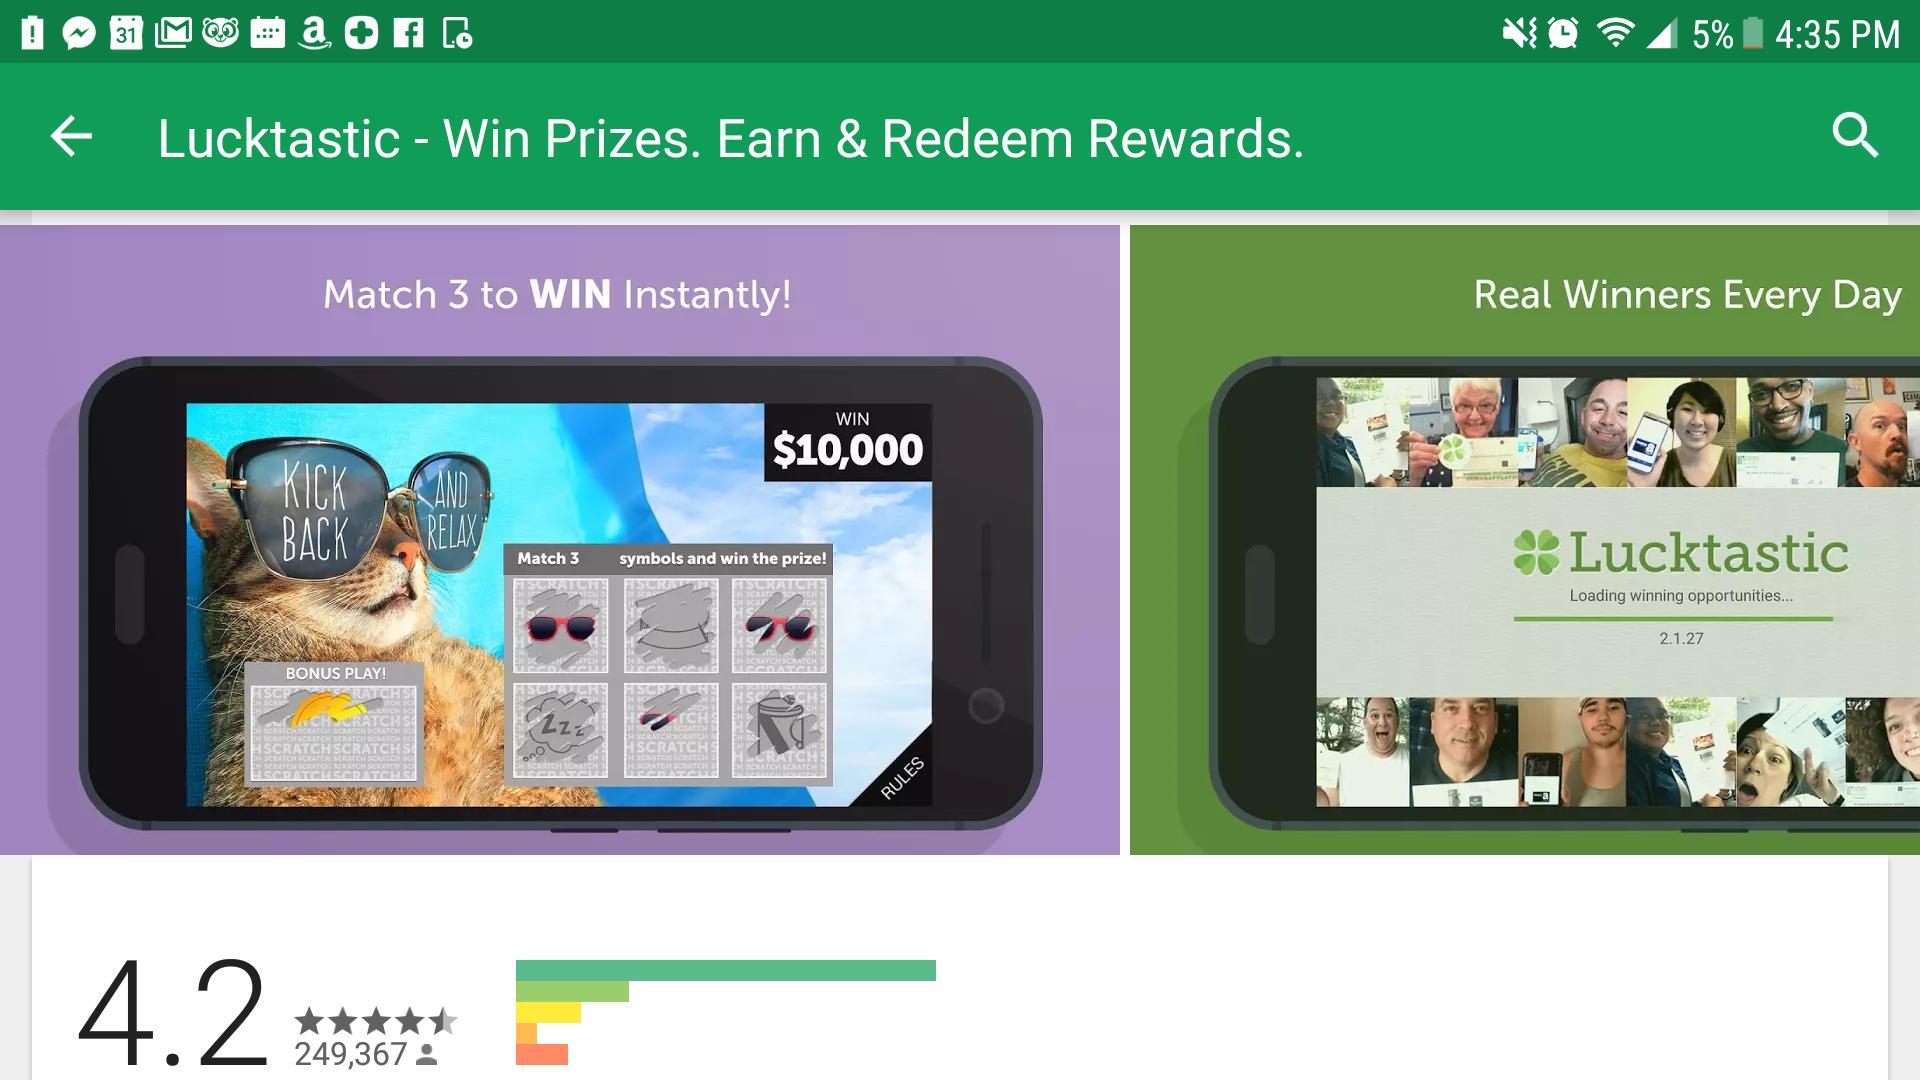 谷歌应用商店优秀ASO屏幕截图示例